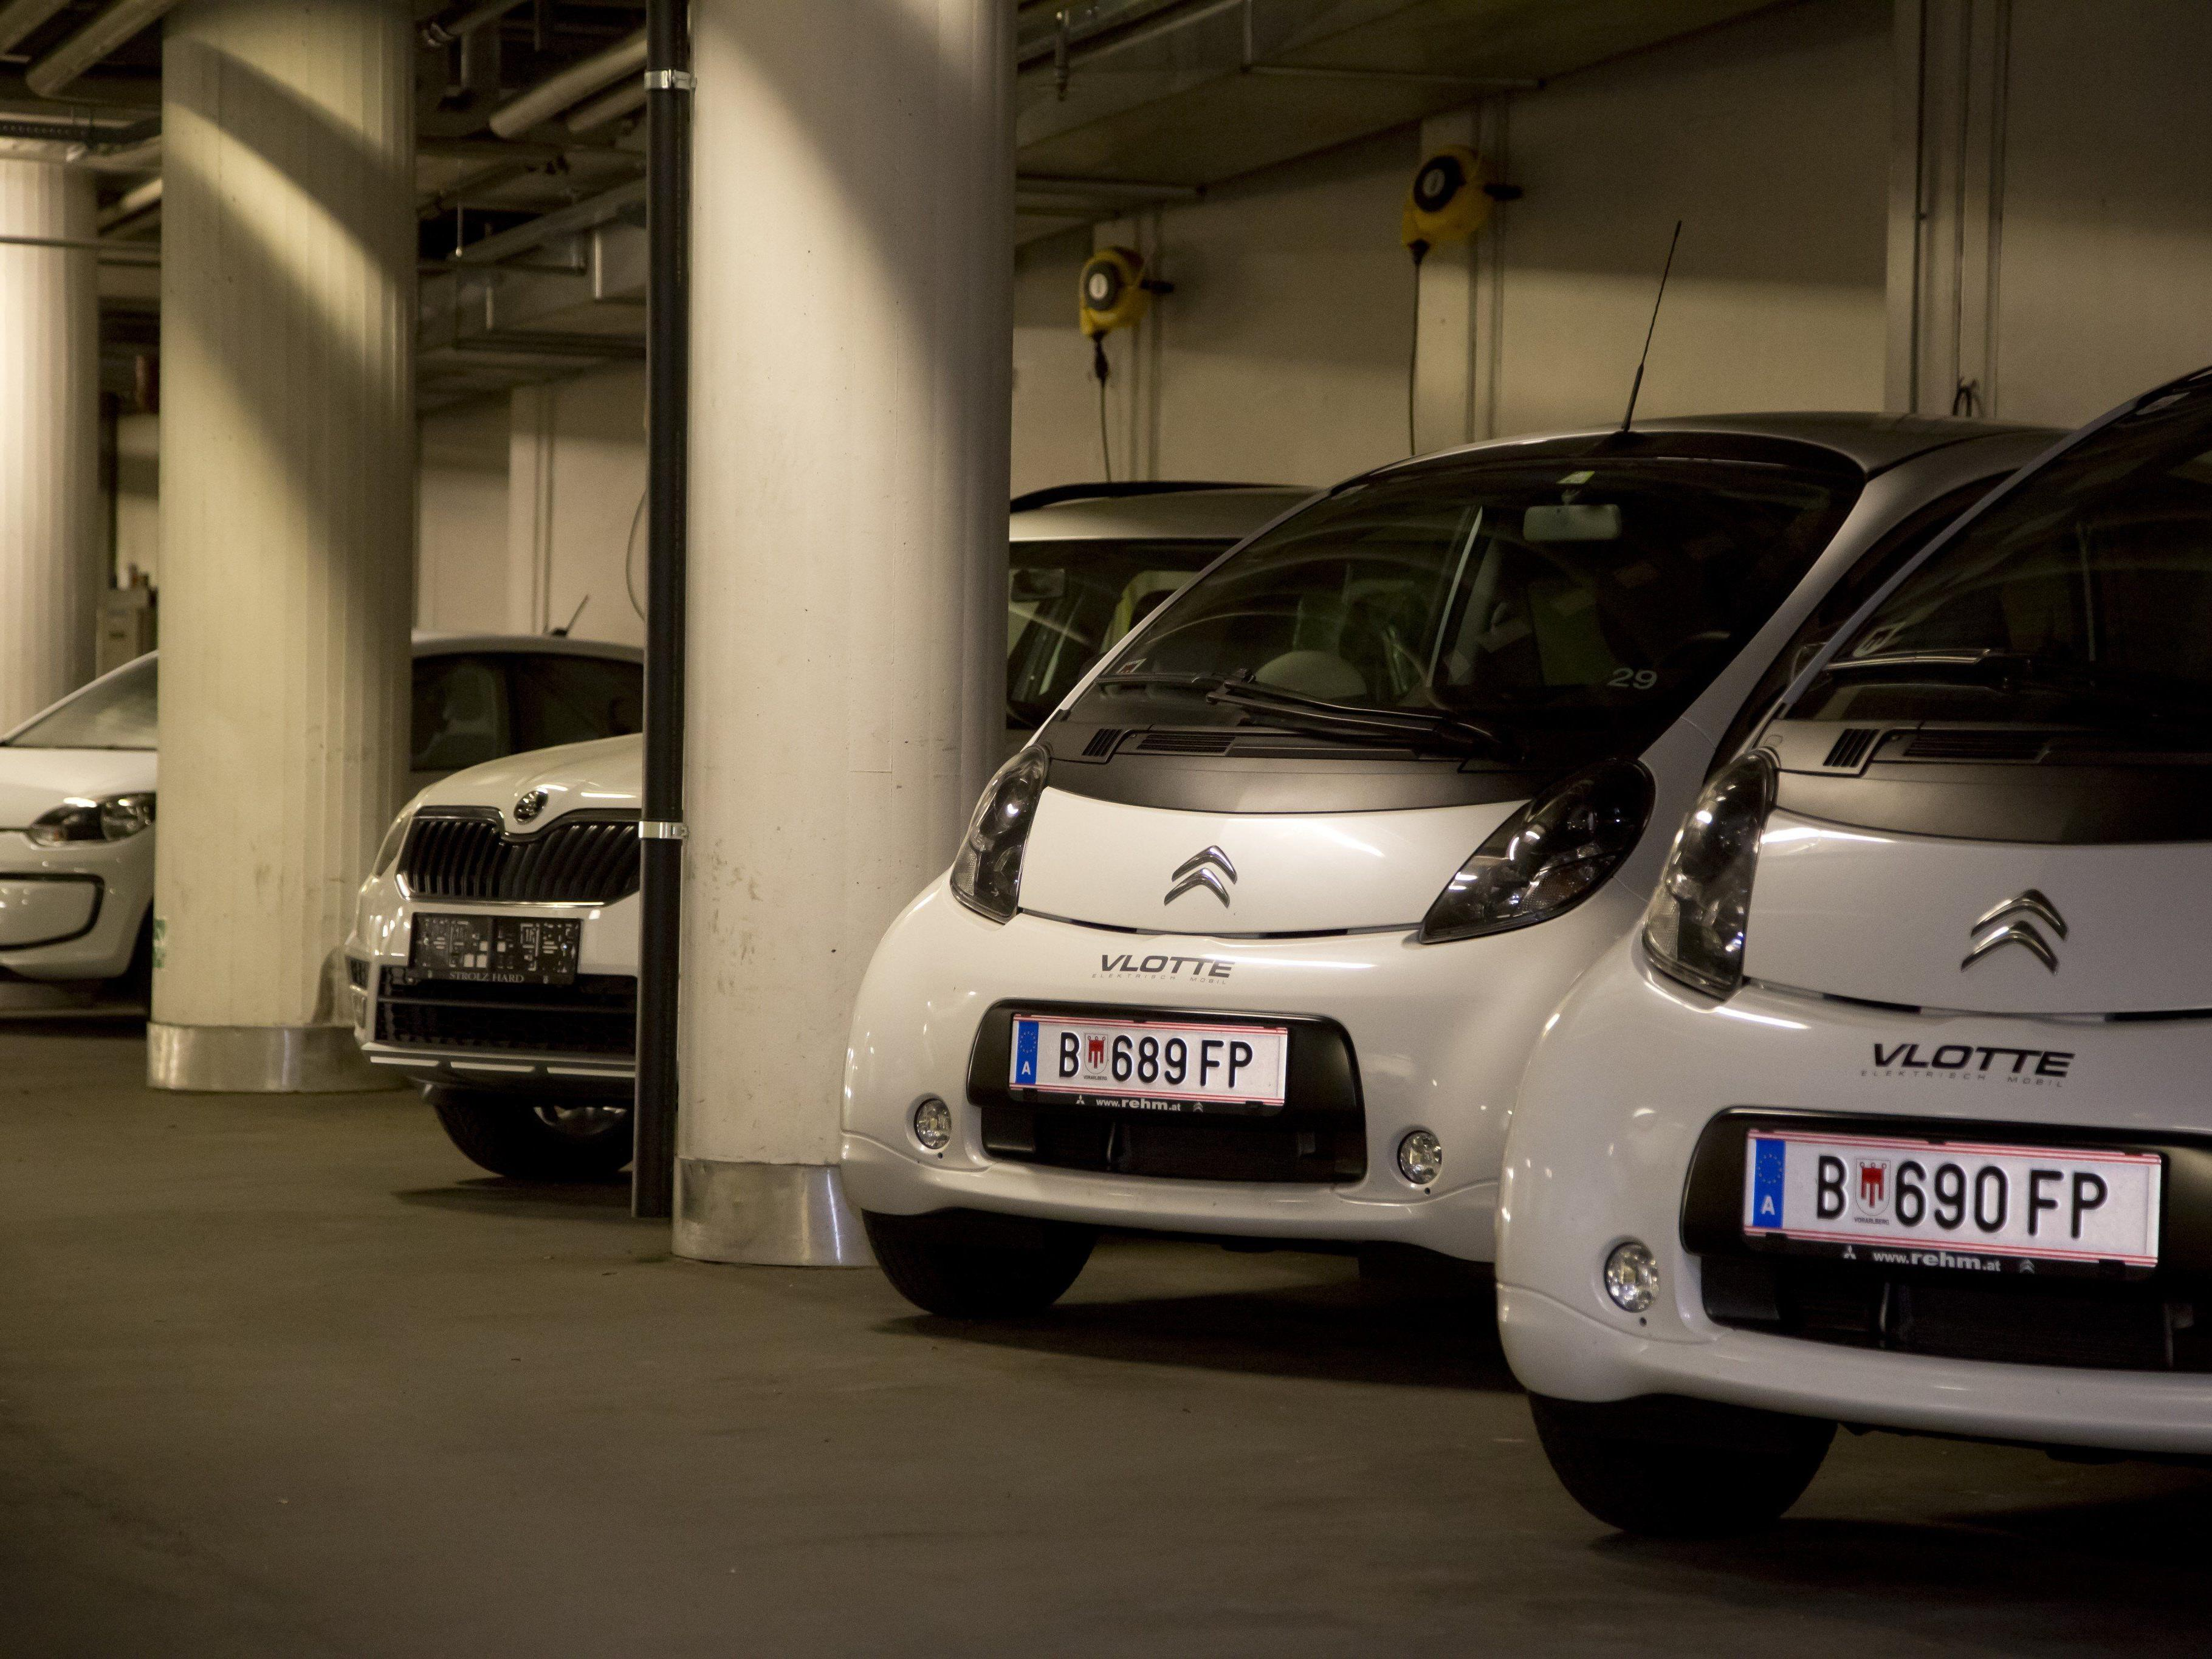 In der Landhausgarage schon gut sichtbar, in der Statistik des Fuhrparks noch nicht: die Elektroautos.